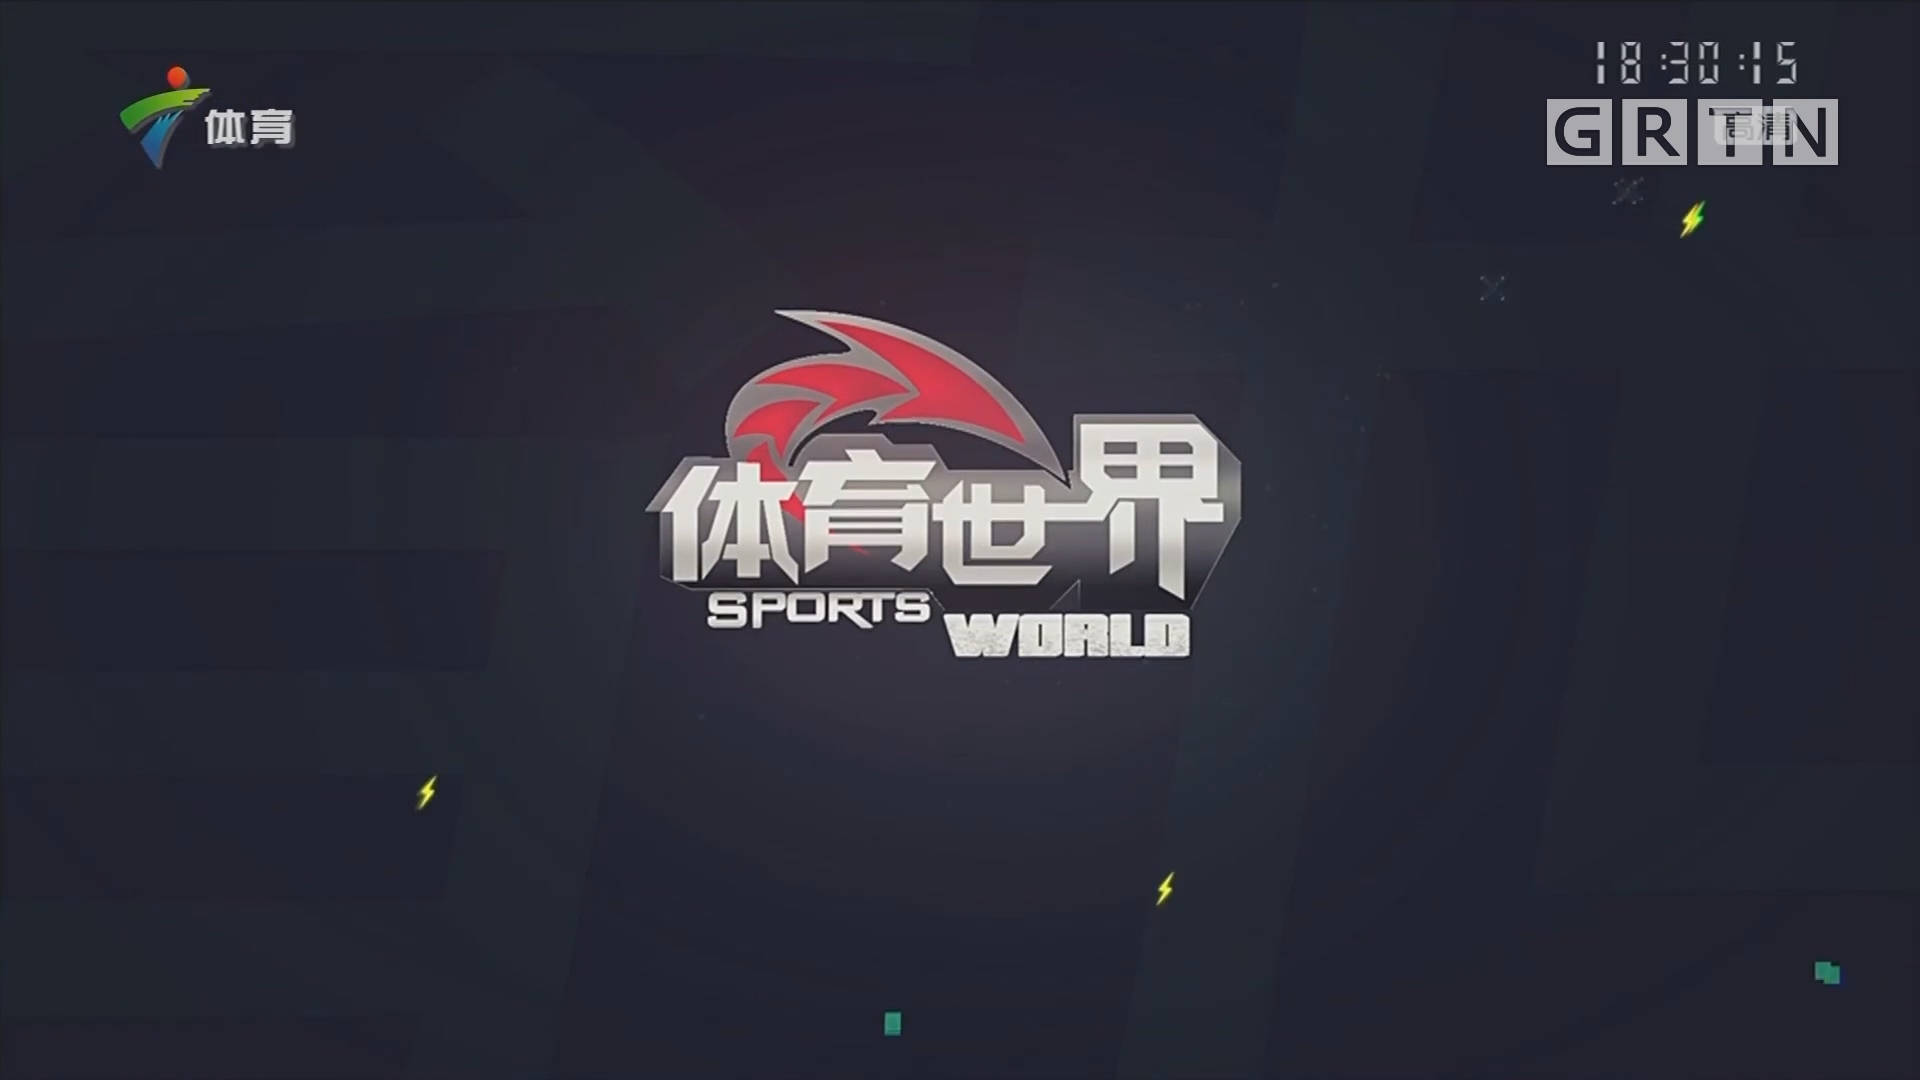 [HD][2019-01-17]体育世界:阿提亚夺达喀尔拉力赛第九赛段汽车组冠军 韩魏升至第24